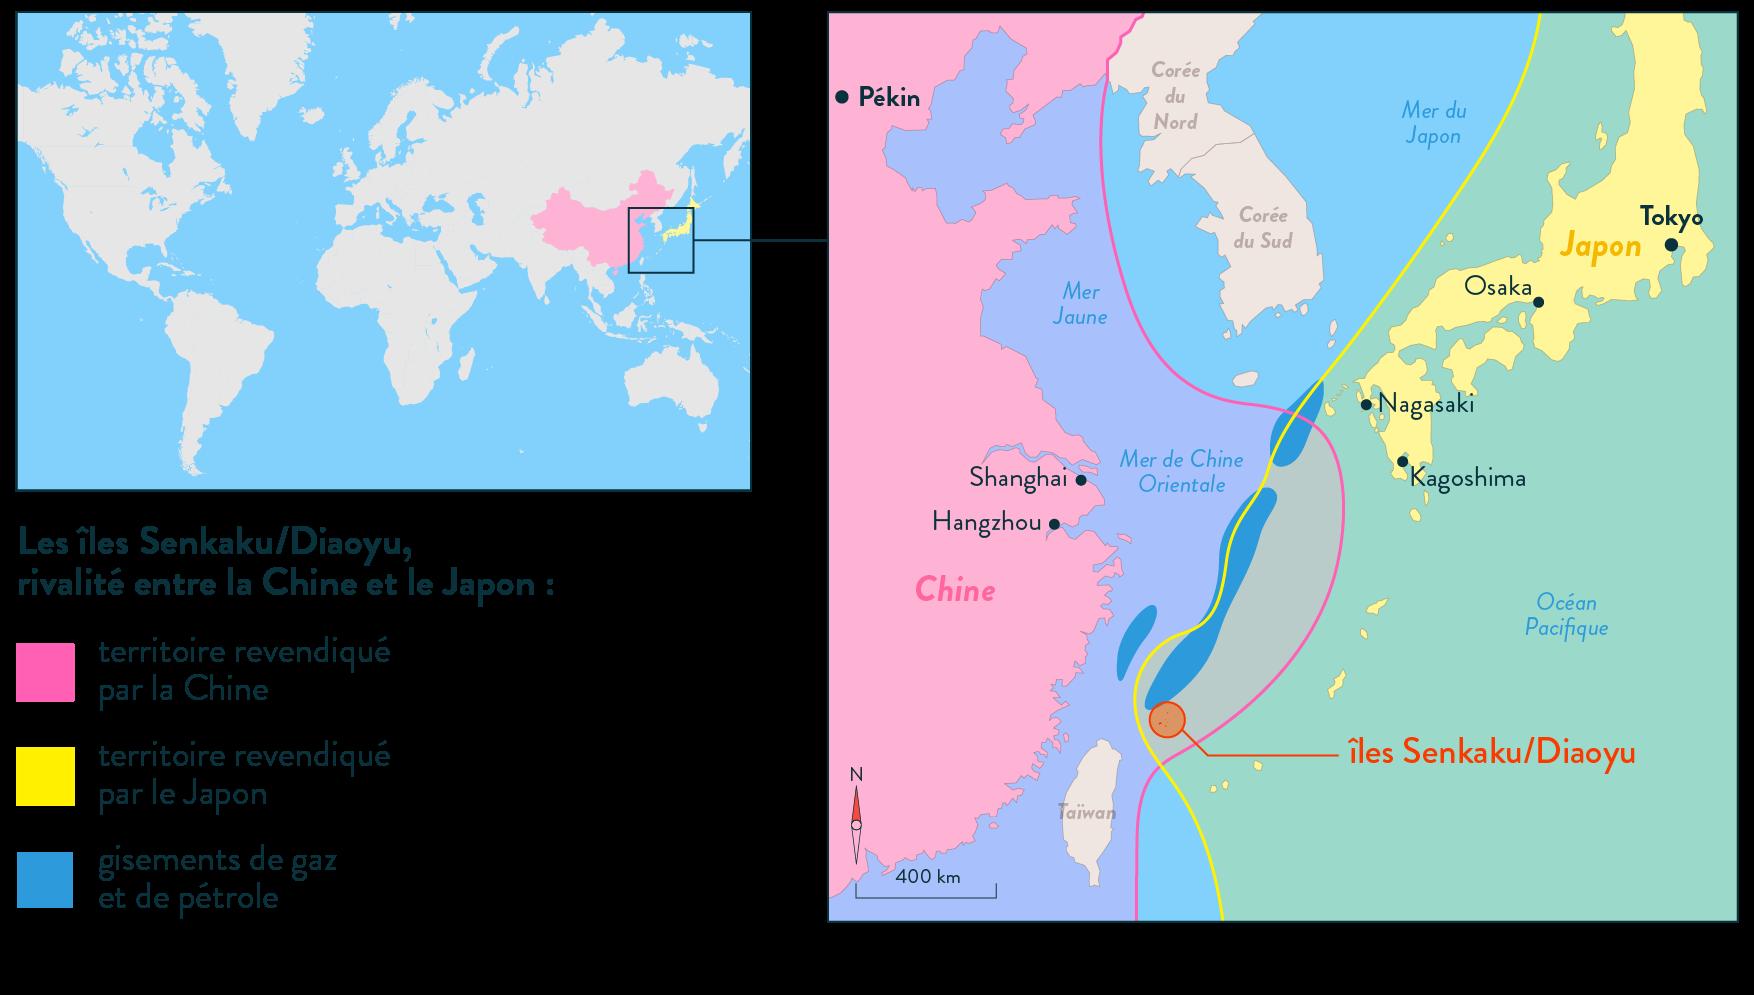 îles senkaku Diaoyu rivalité Chine Japon